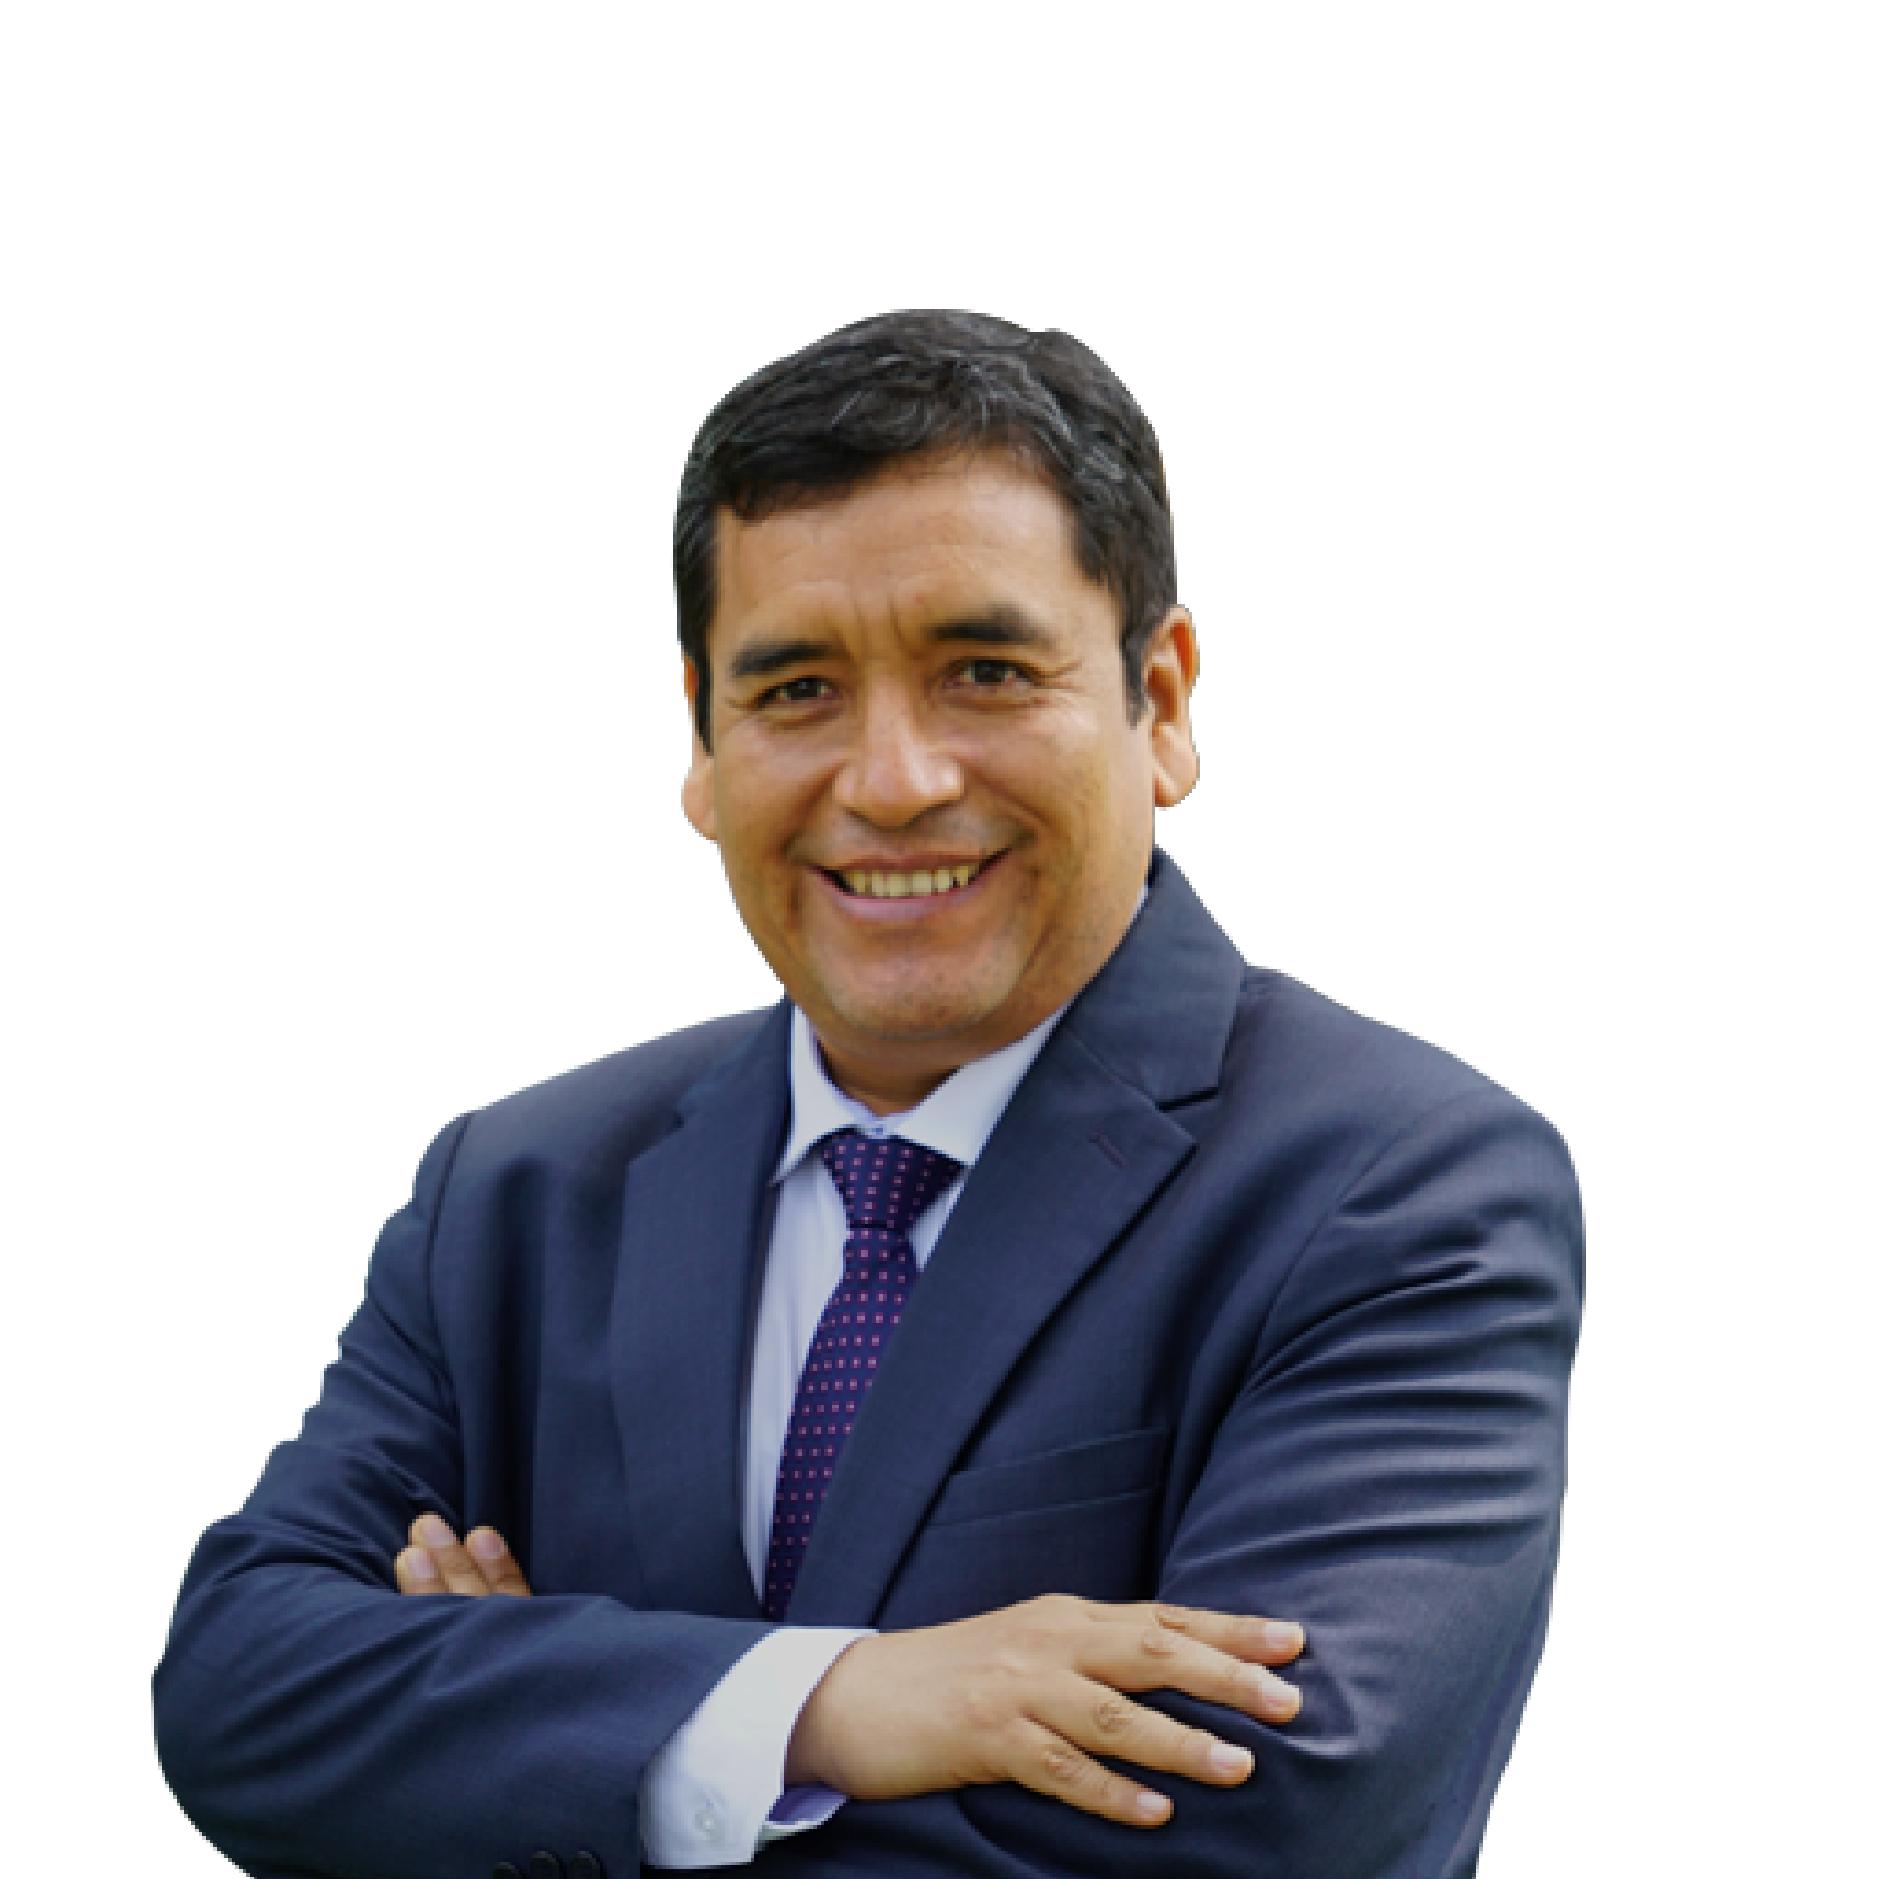 https://energiasrenovables.perueventos.org/images/Rosendo-Ramirez-1.png